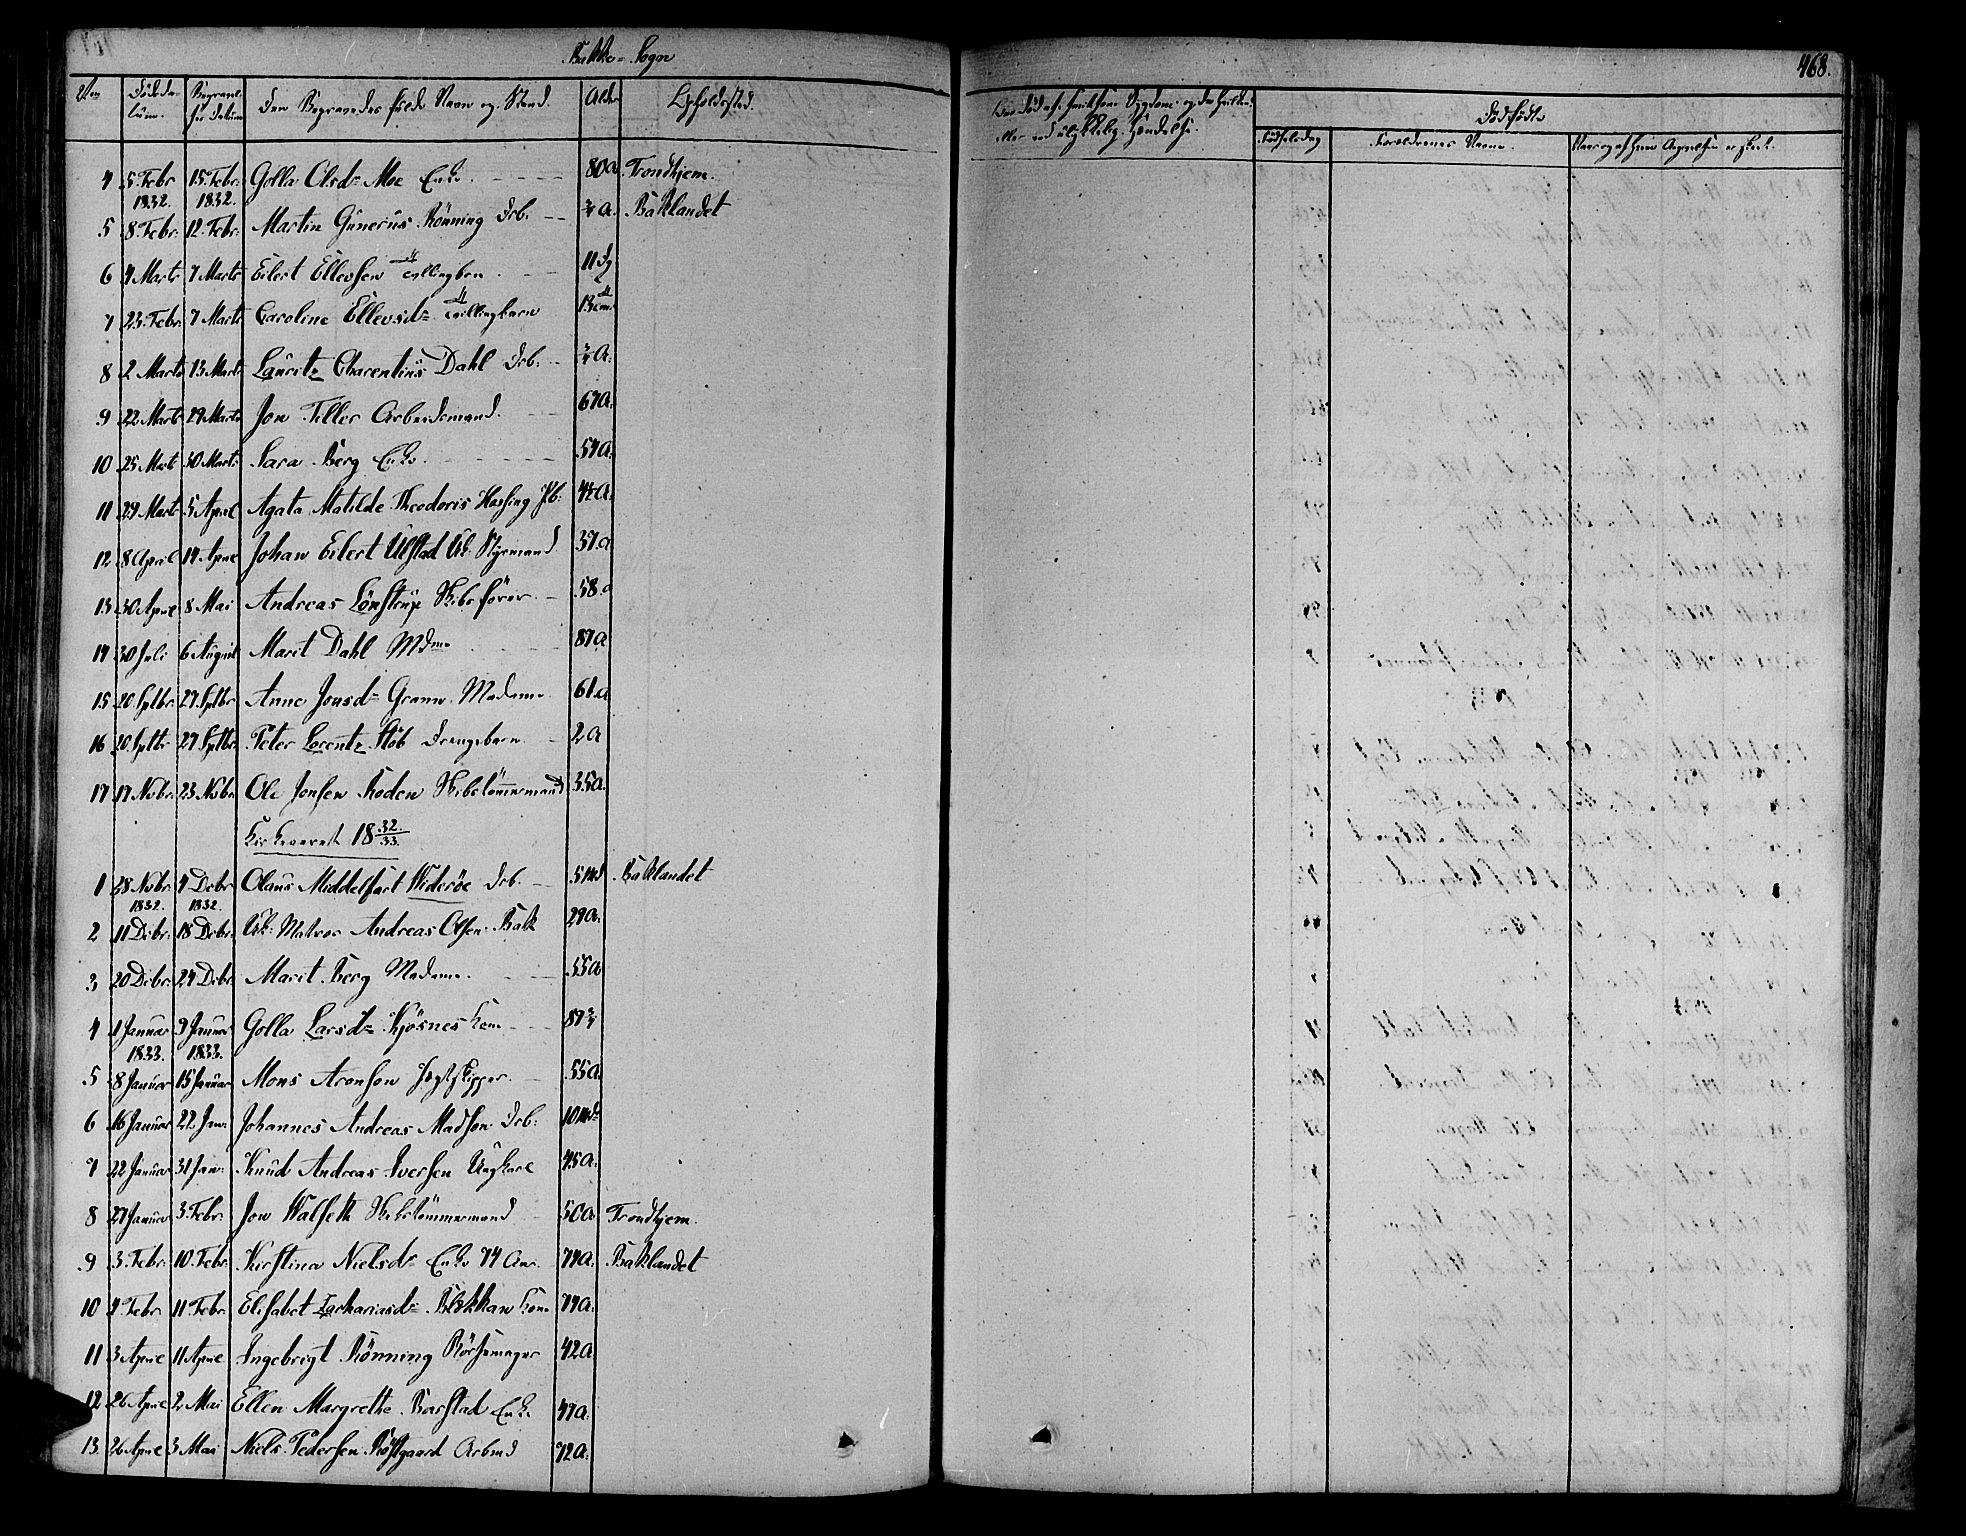 SAT, Ministerialprotokoller, klokkerbøker og fødselsregistre - Sør-Trøndelag, 606/L0287: Ministerialbok nr. 606A04 /2, 1826-1840, s. 468